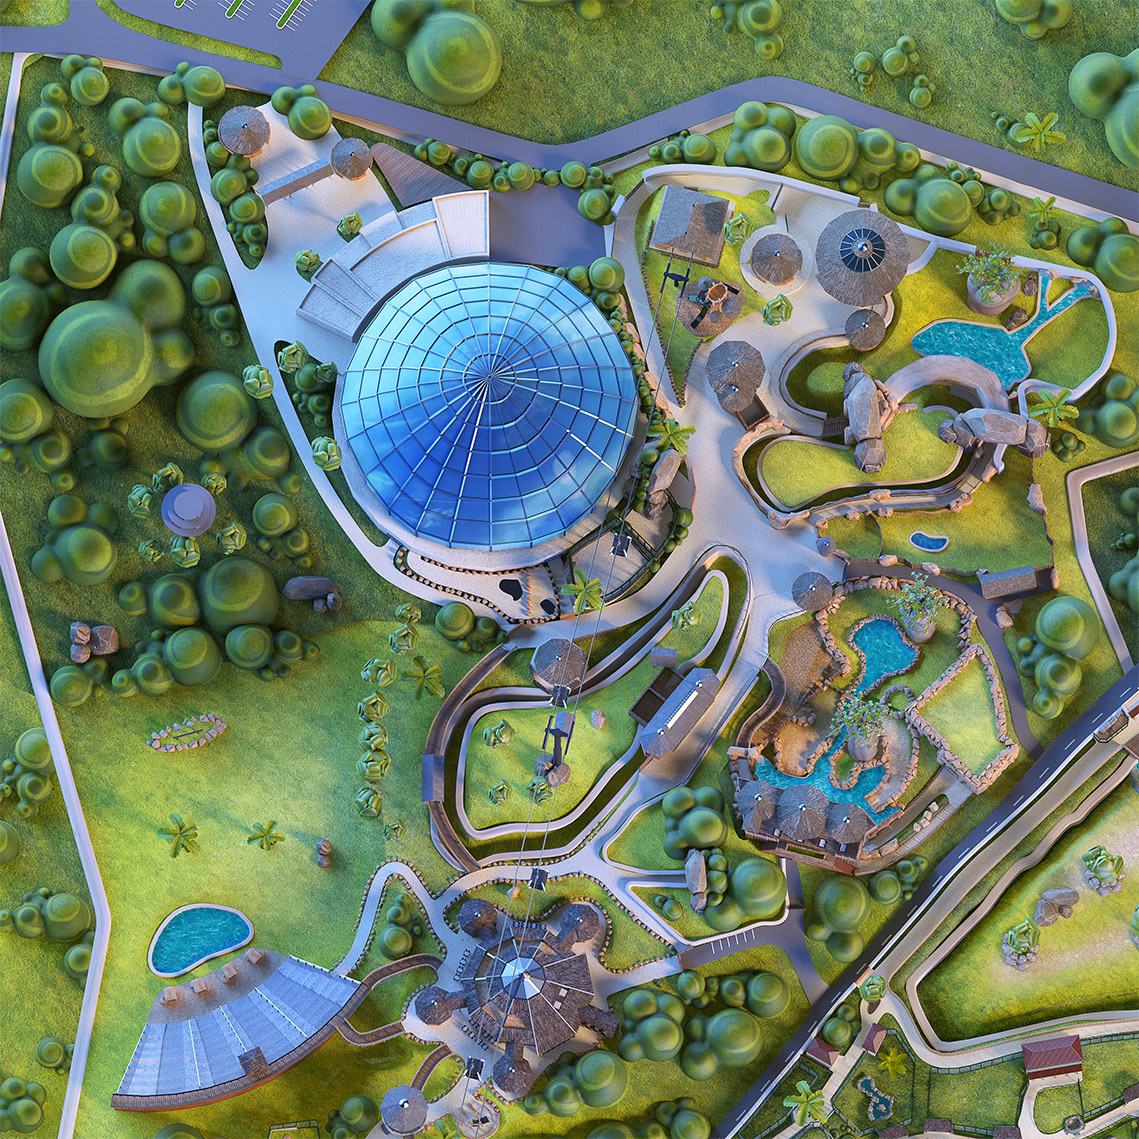 GALERIE-Dripmoon-Studio-3D-Tours-Motion-design-Zooparc-de-Beauval-Plan-du-parc 6